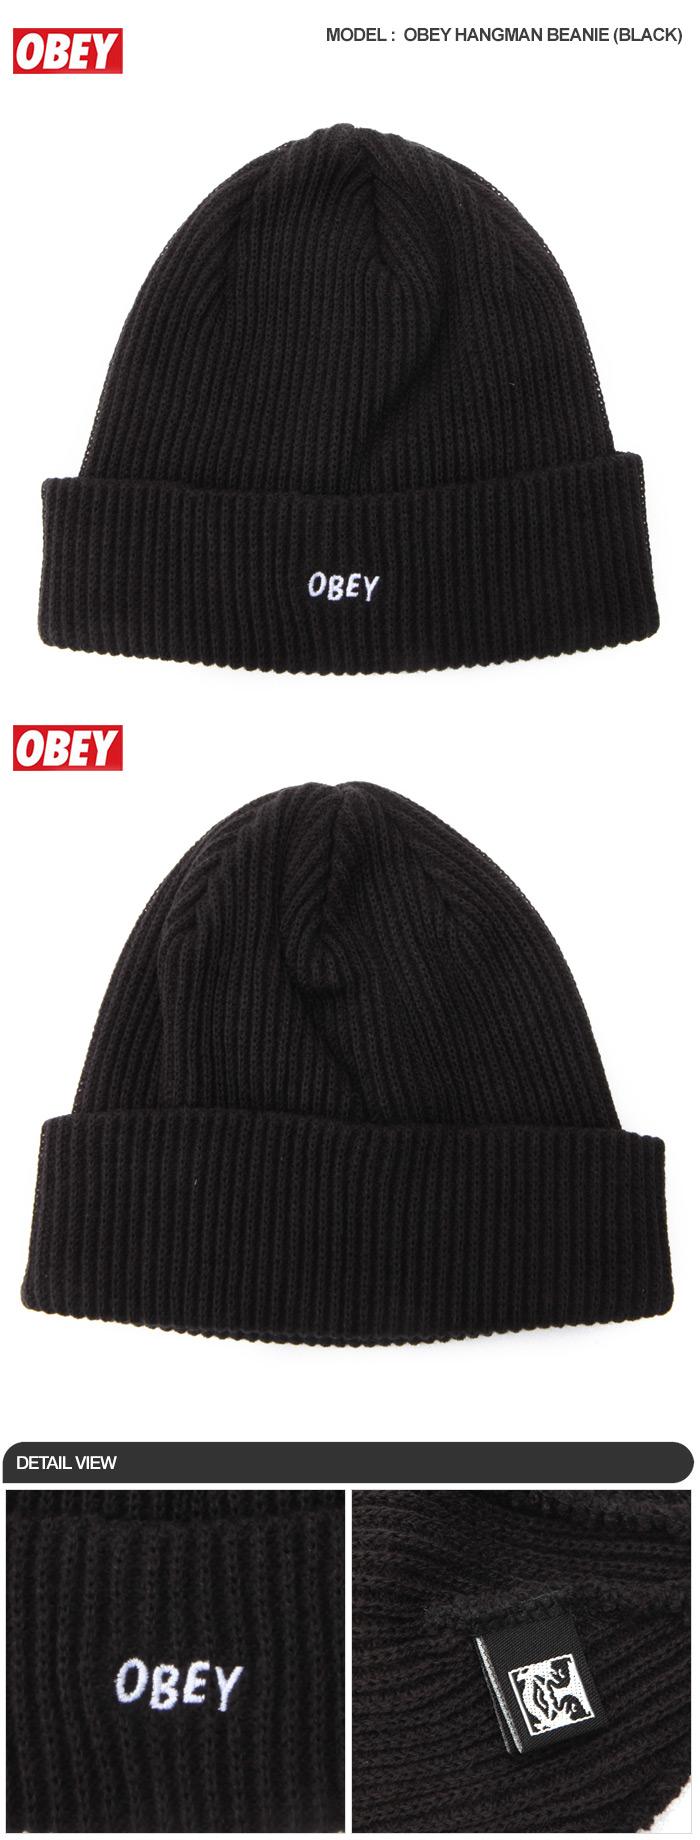 오베이(OBEY) HANGMAN BEANIE (BLACK)  100030102-BLK  - 39 ab16ee95571